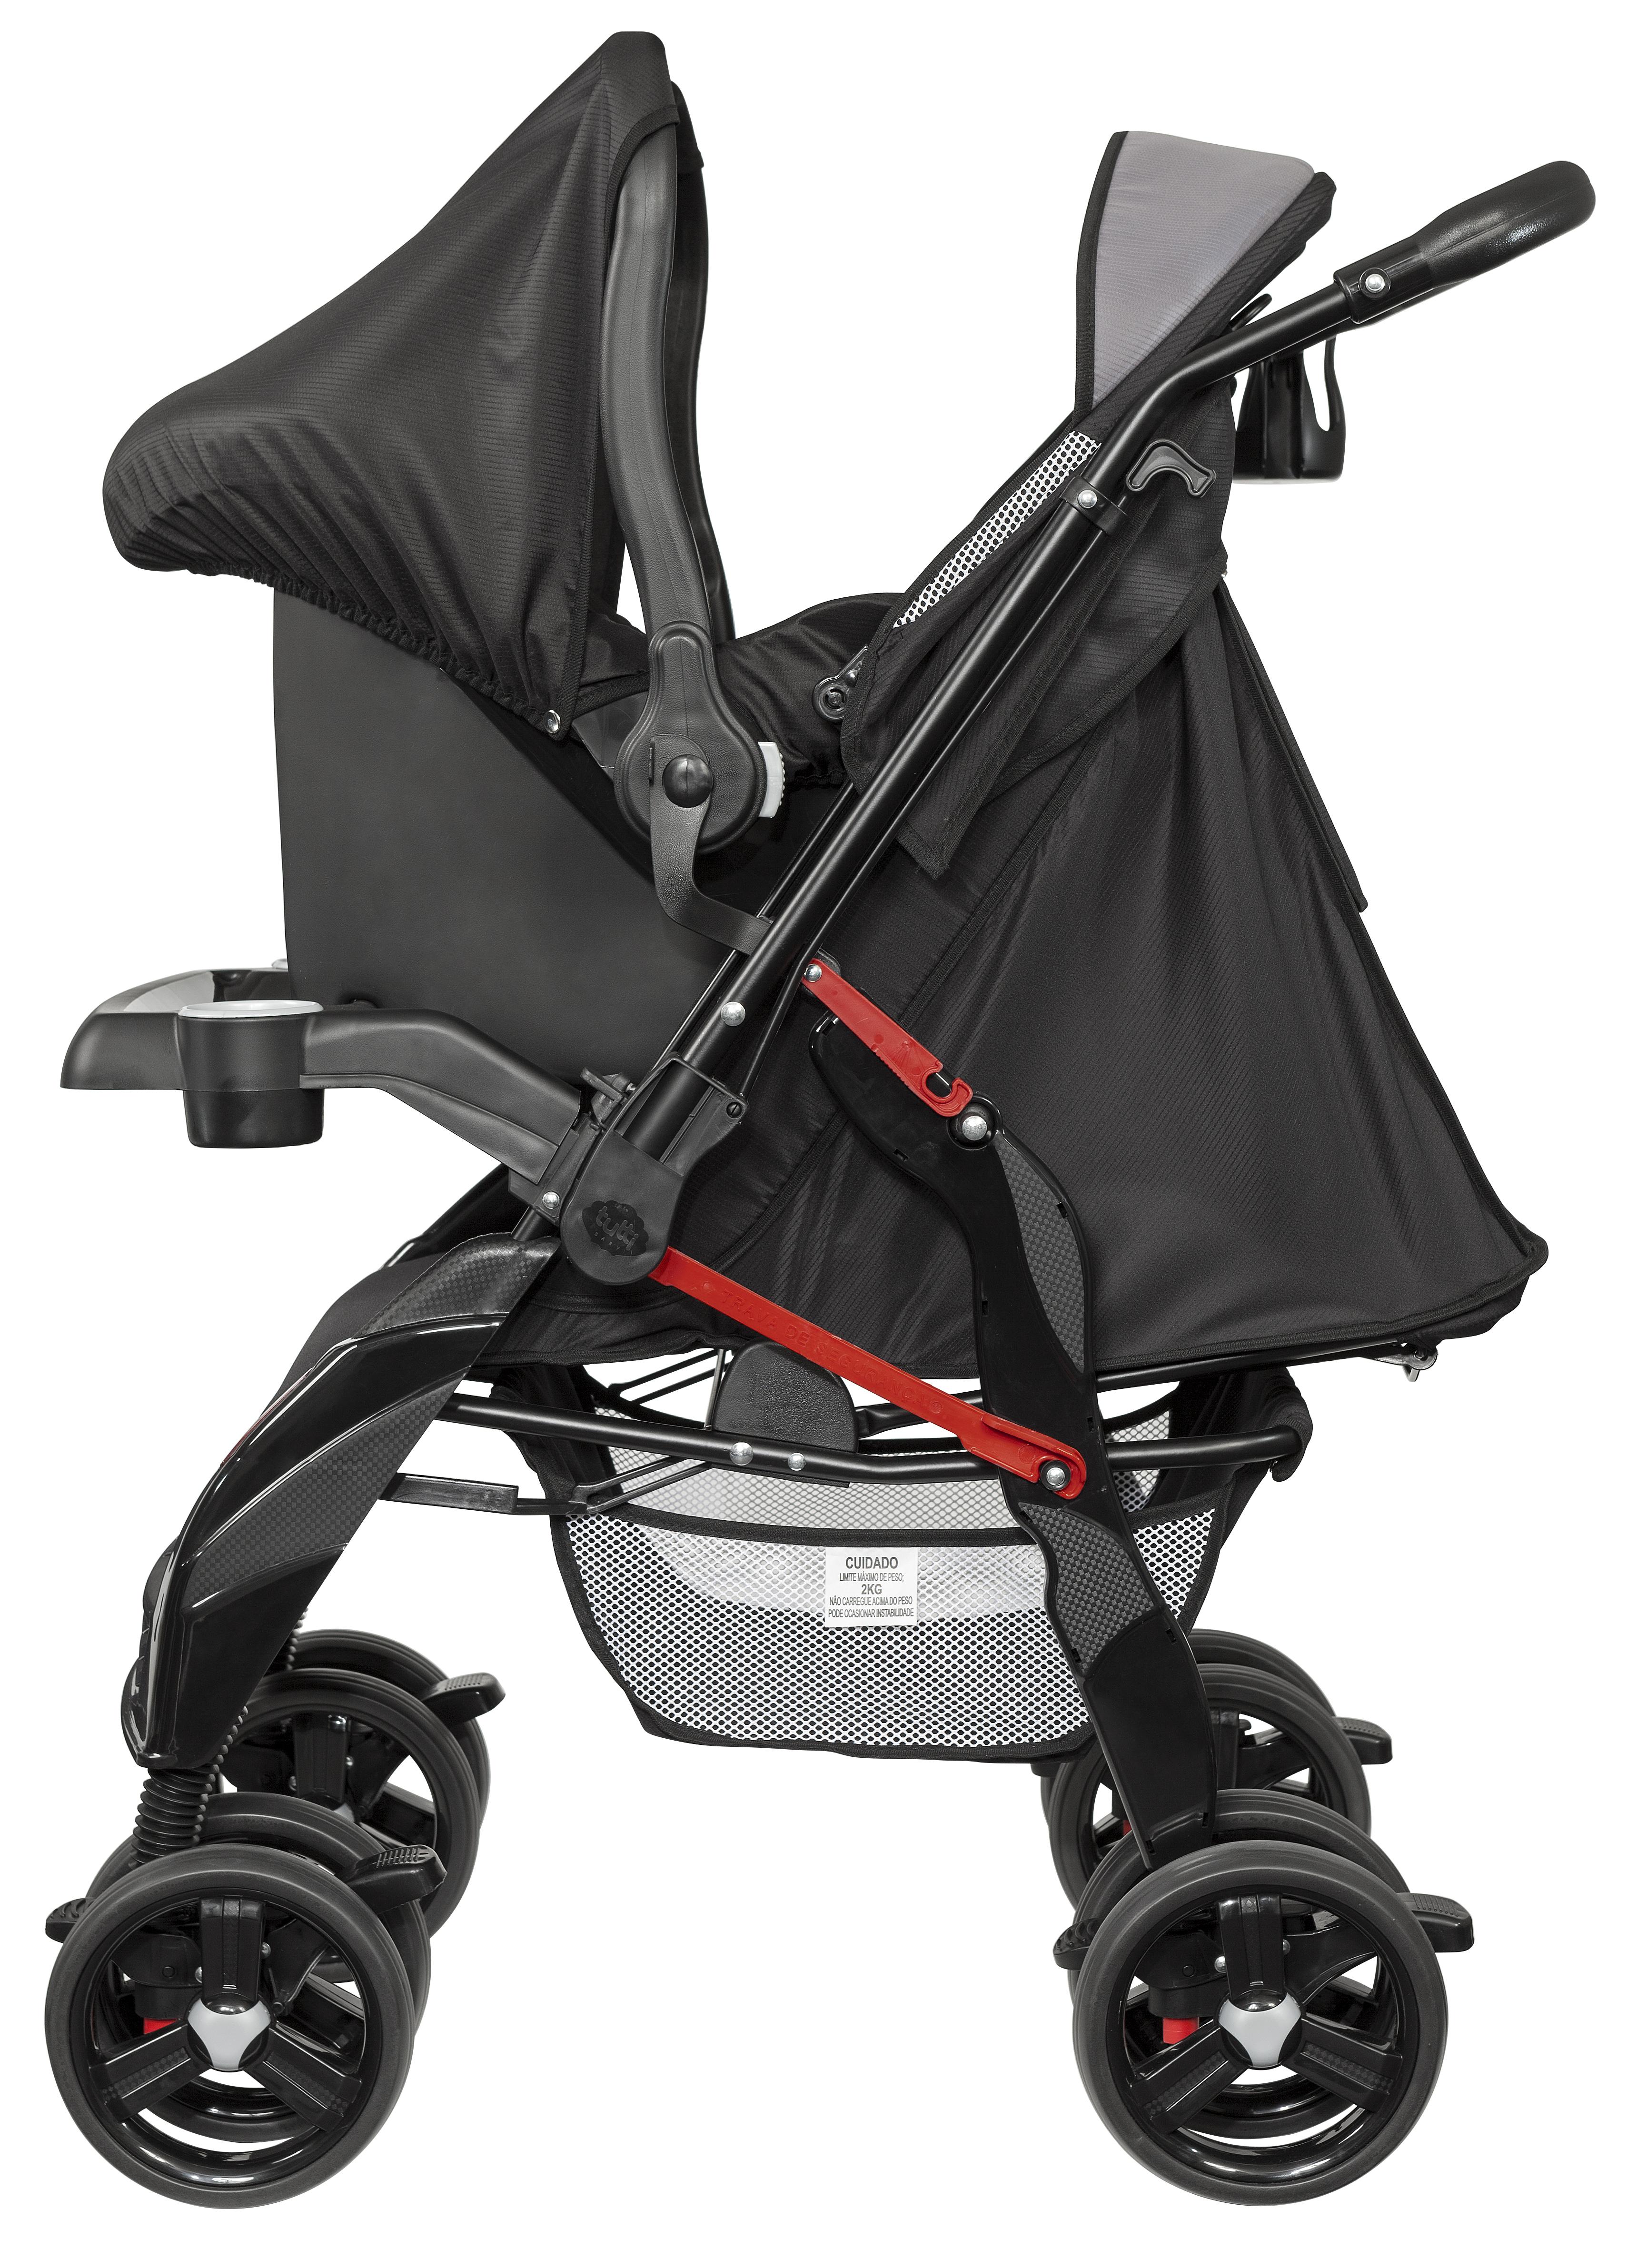 Com novo modelo de carrinho, Tutti Baby projeta expansão para lojas especializadas